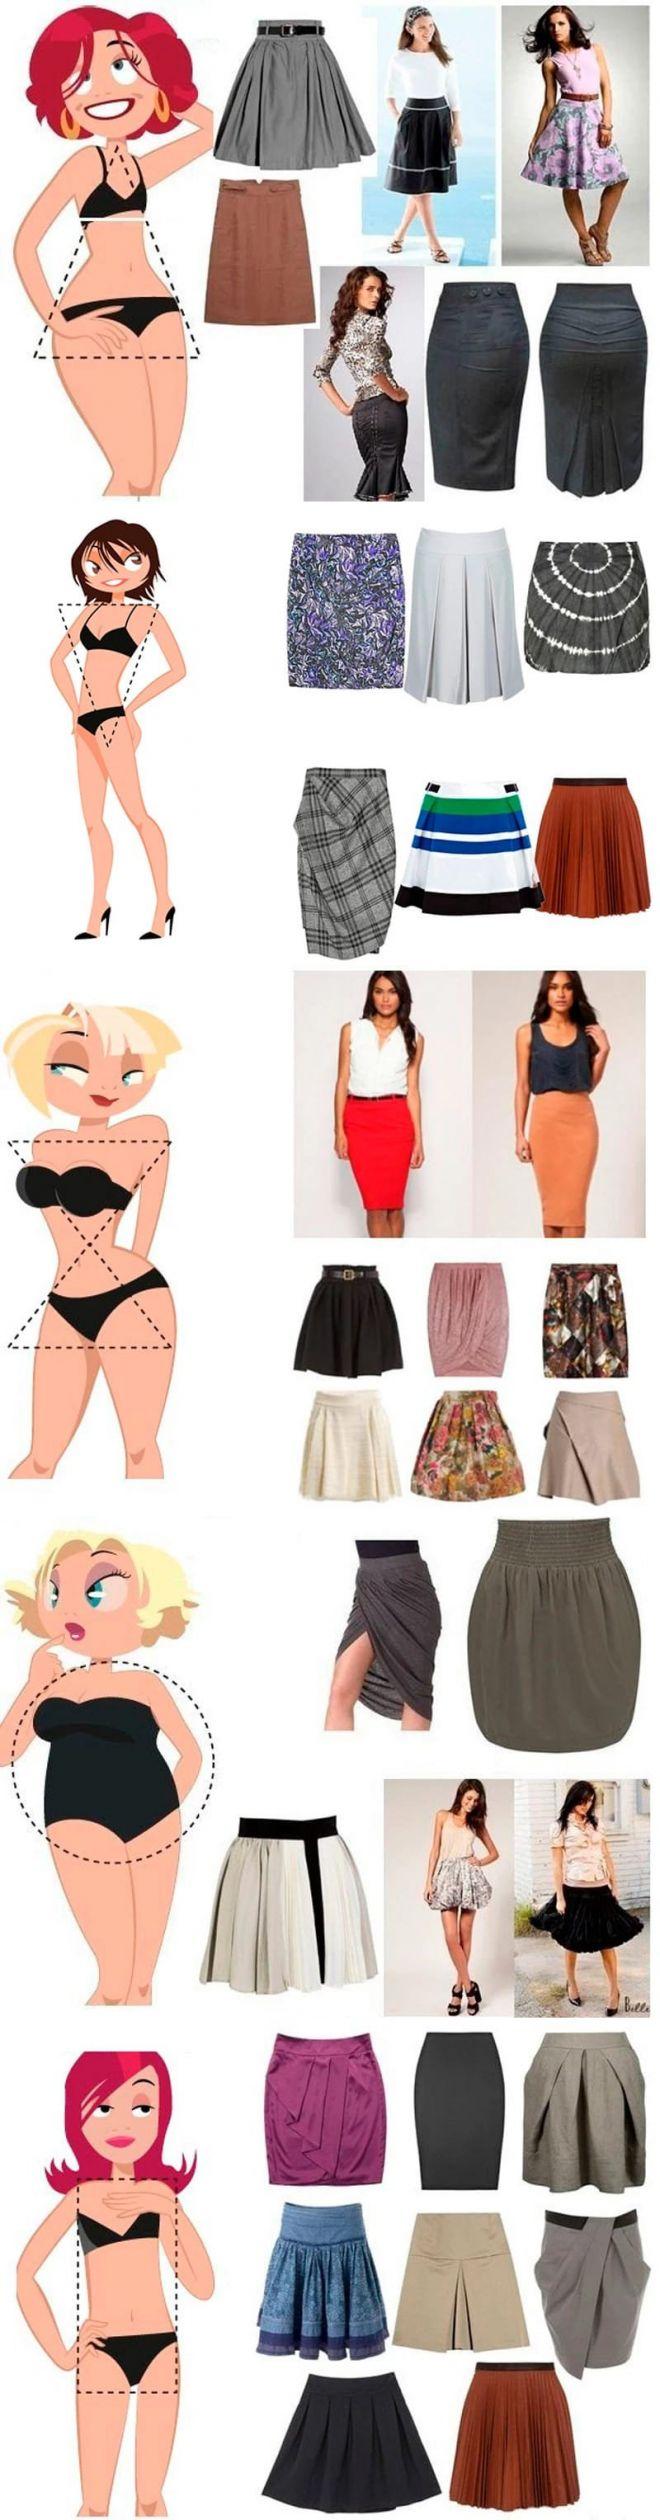 Как выбрать юбку по своей фигуре...<3 Deniz <3